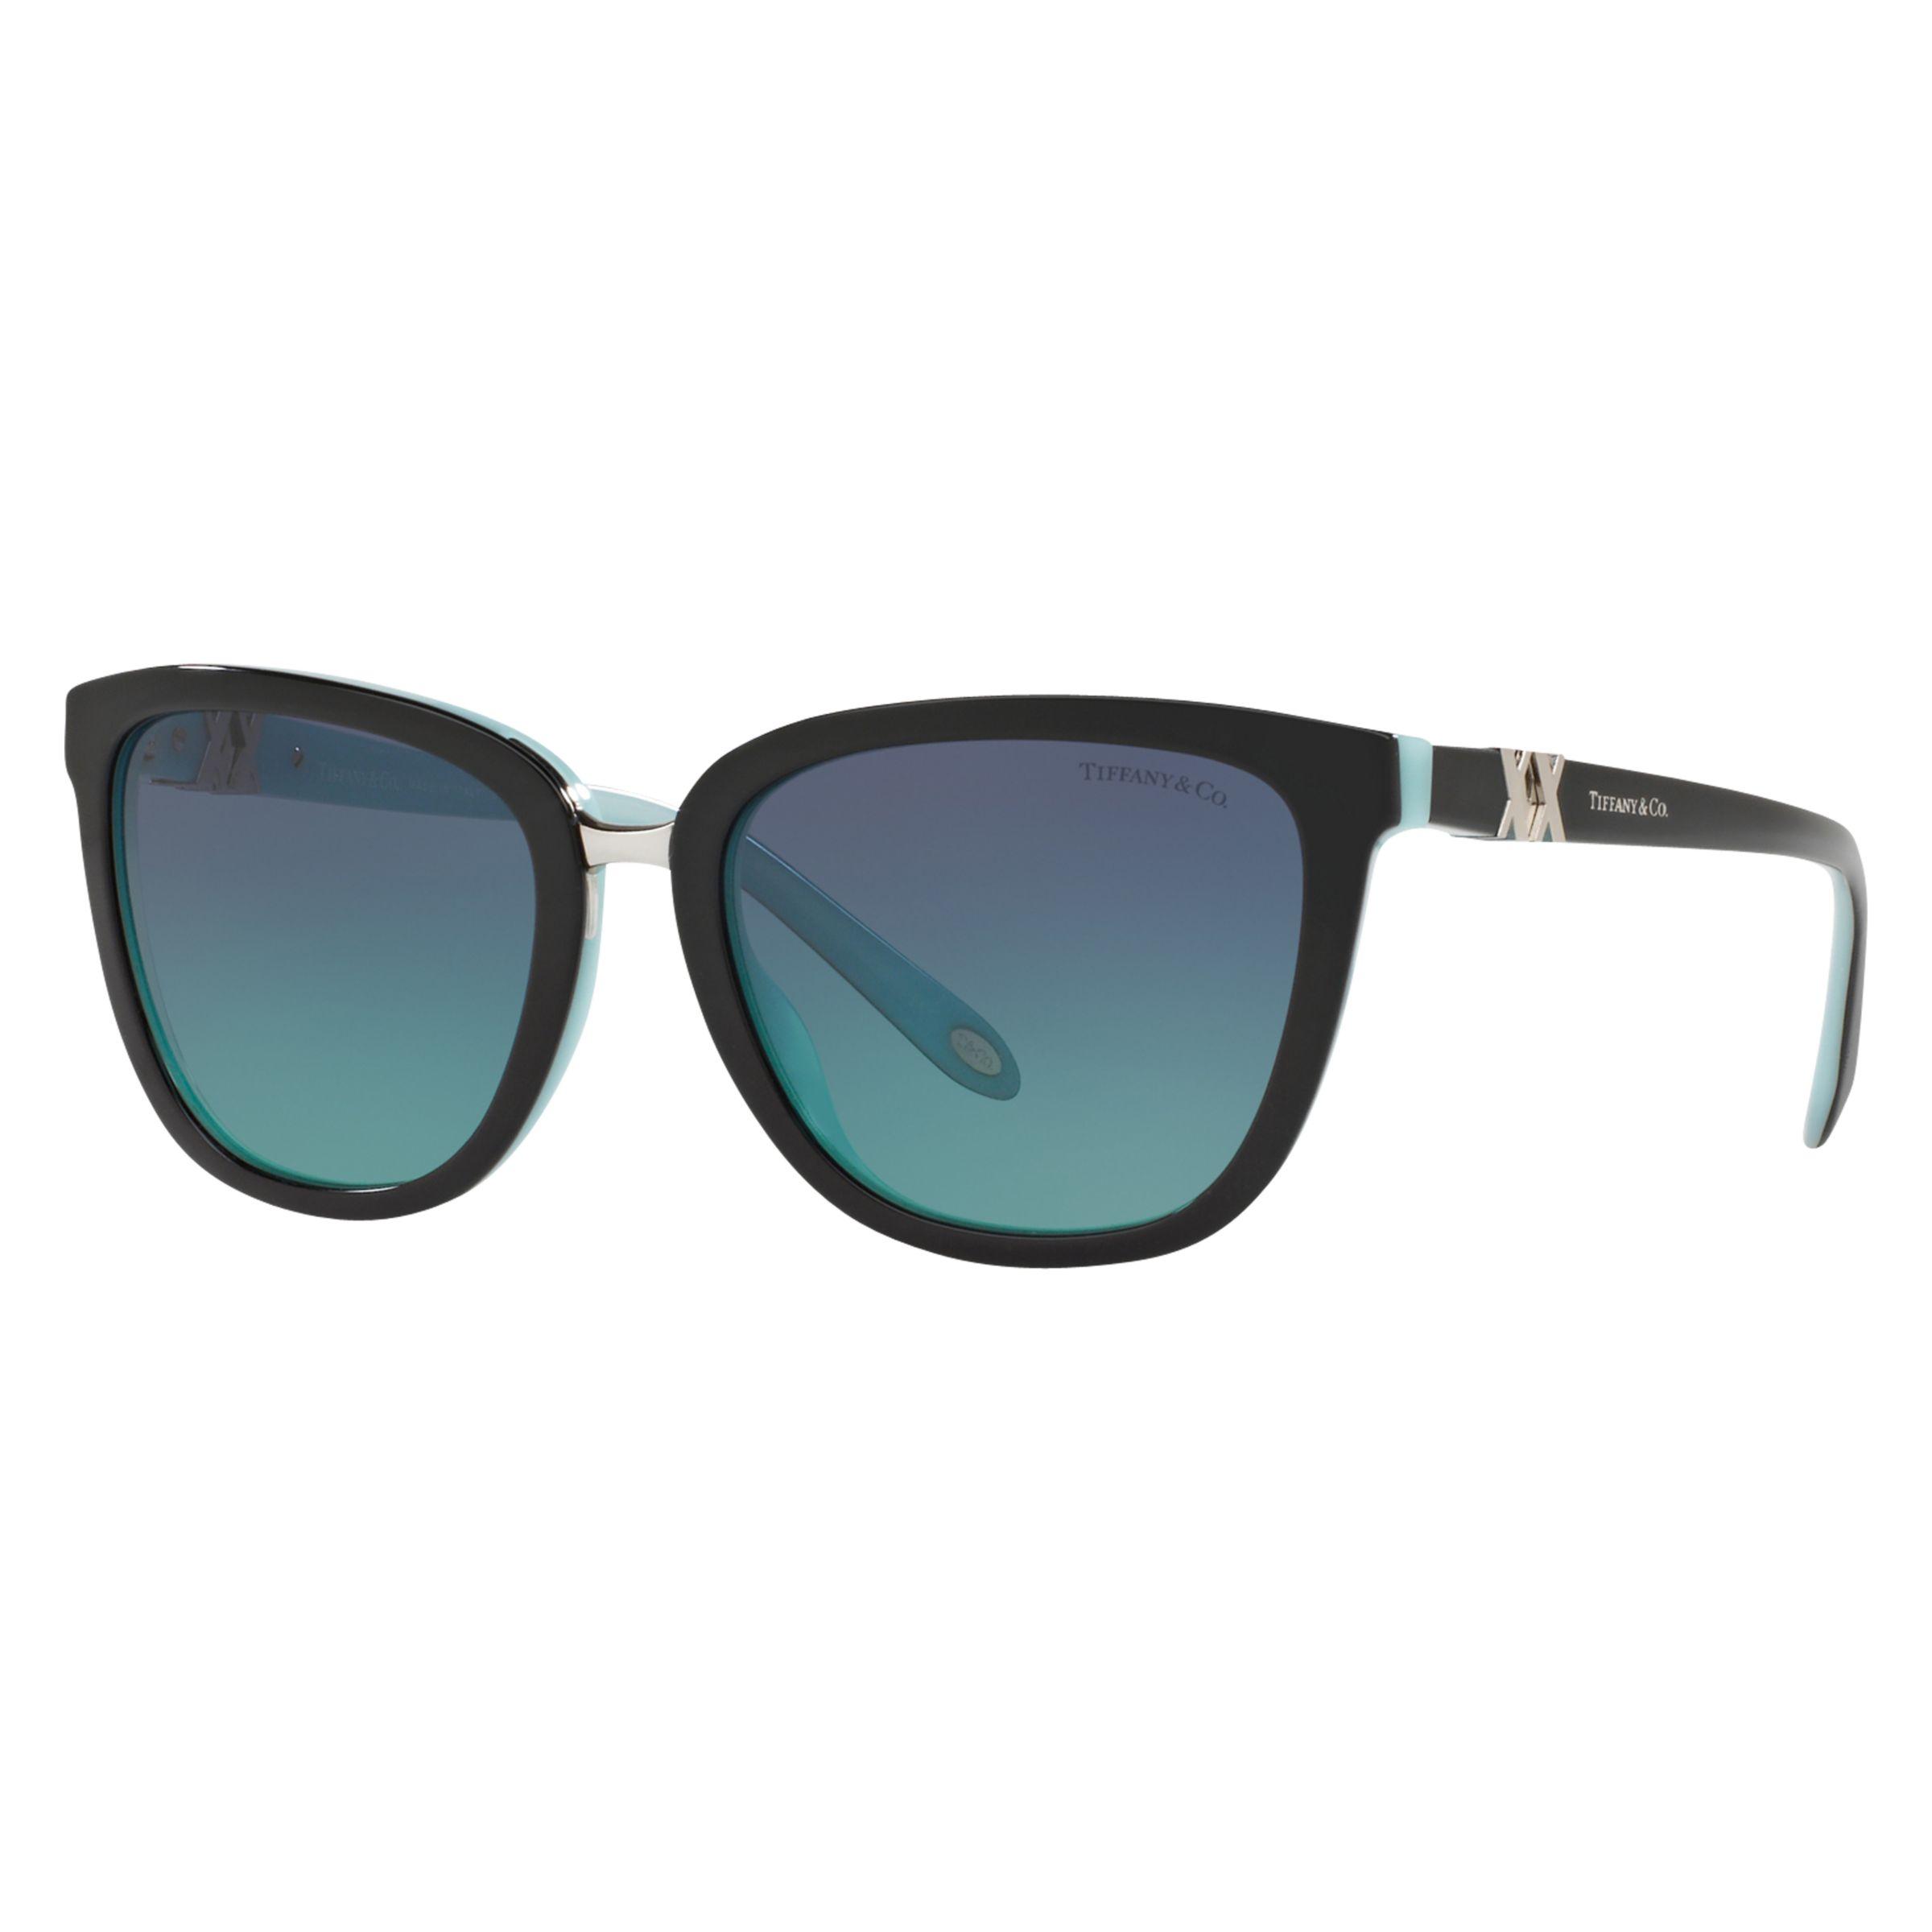 Tiffany & Co Tiffany & Co TF4123 D-Frame Sunglasses